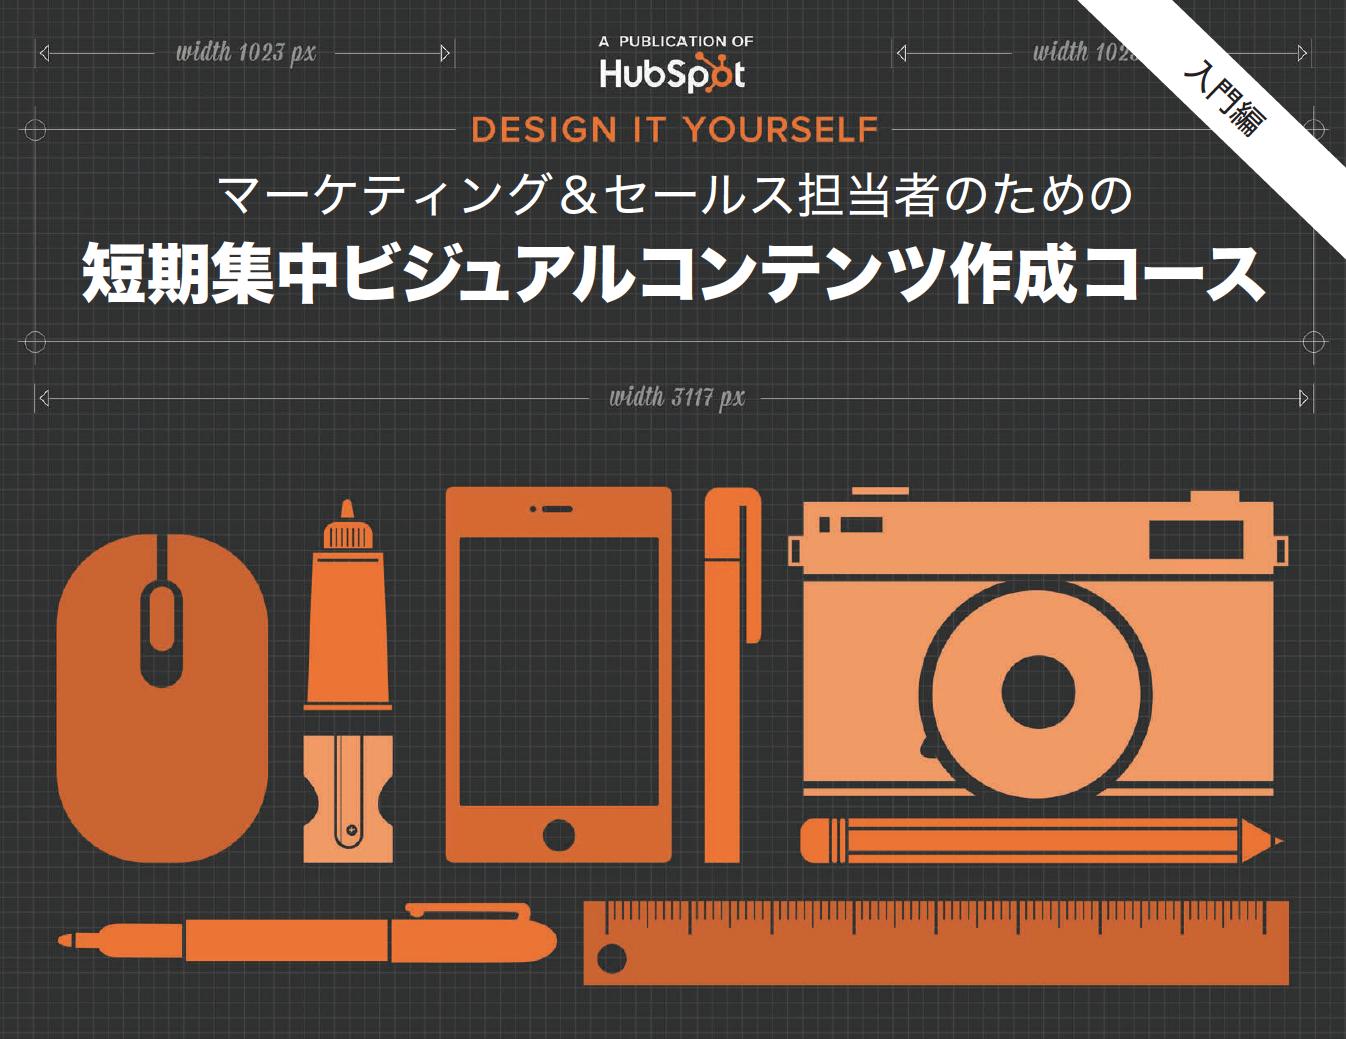 ビジュアルデザイン作成コースはこちら